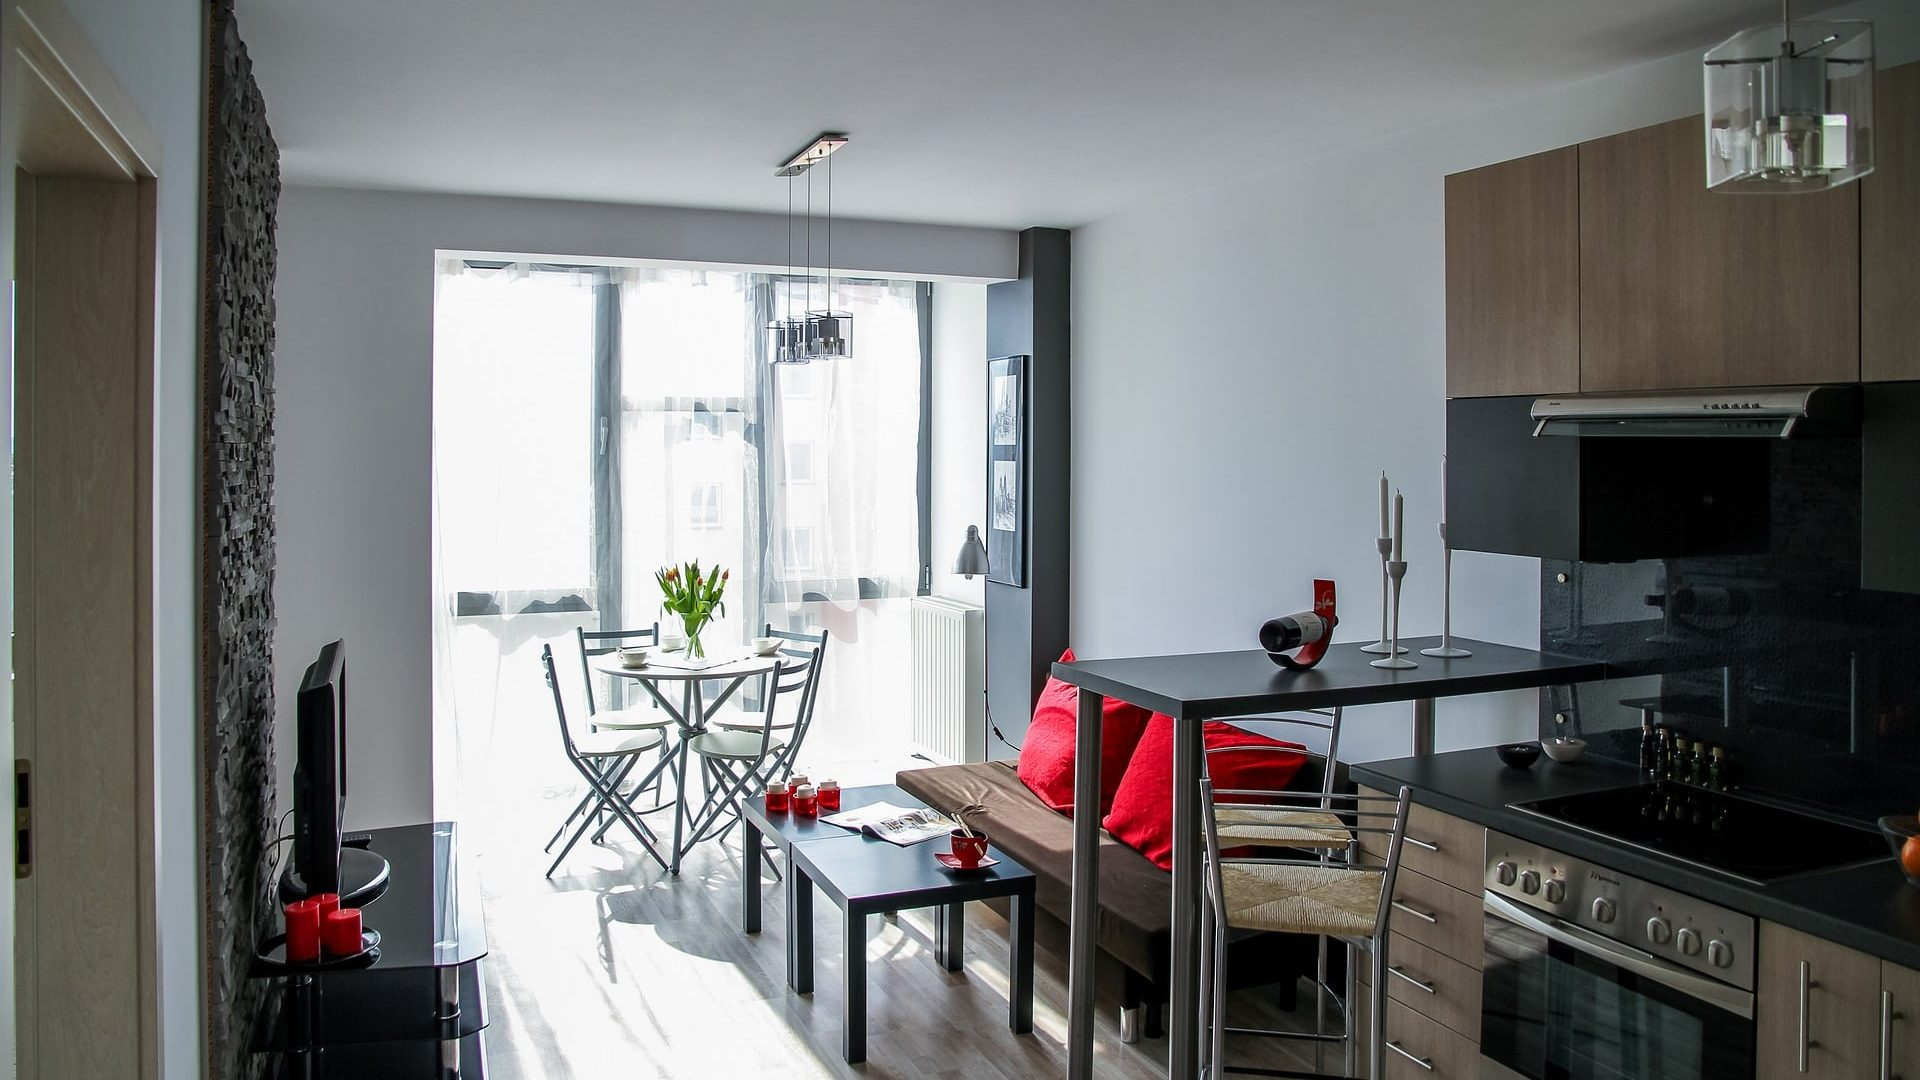 Porządek na kwadracie – czyli jak utrzymać czystość w małym mieszkaniu